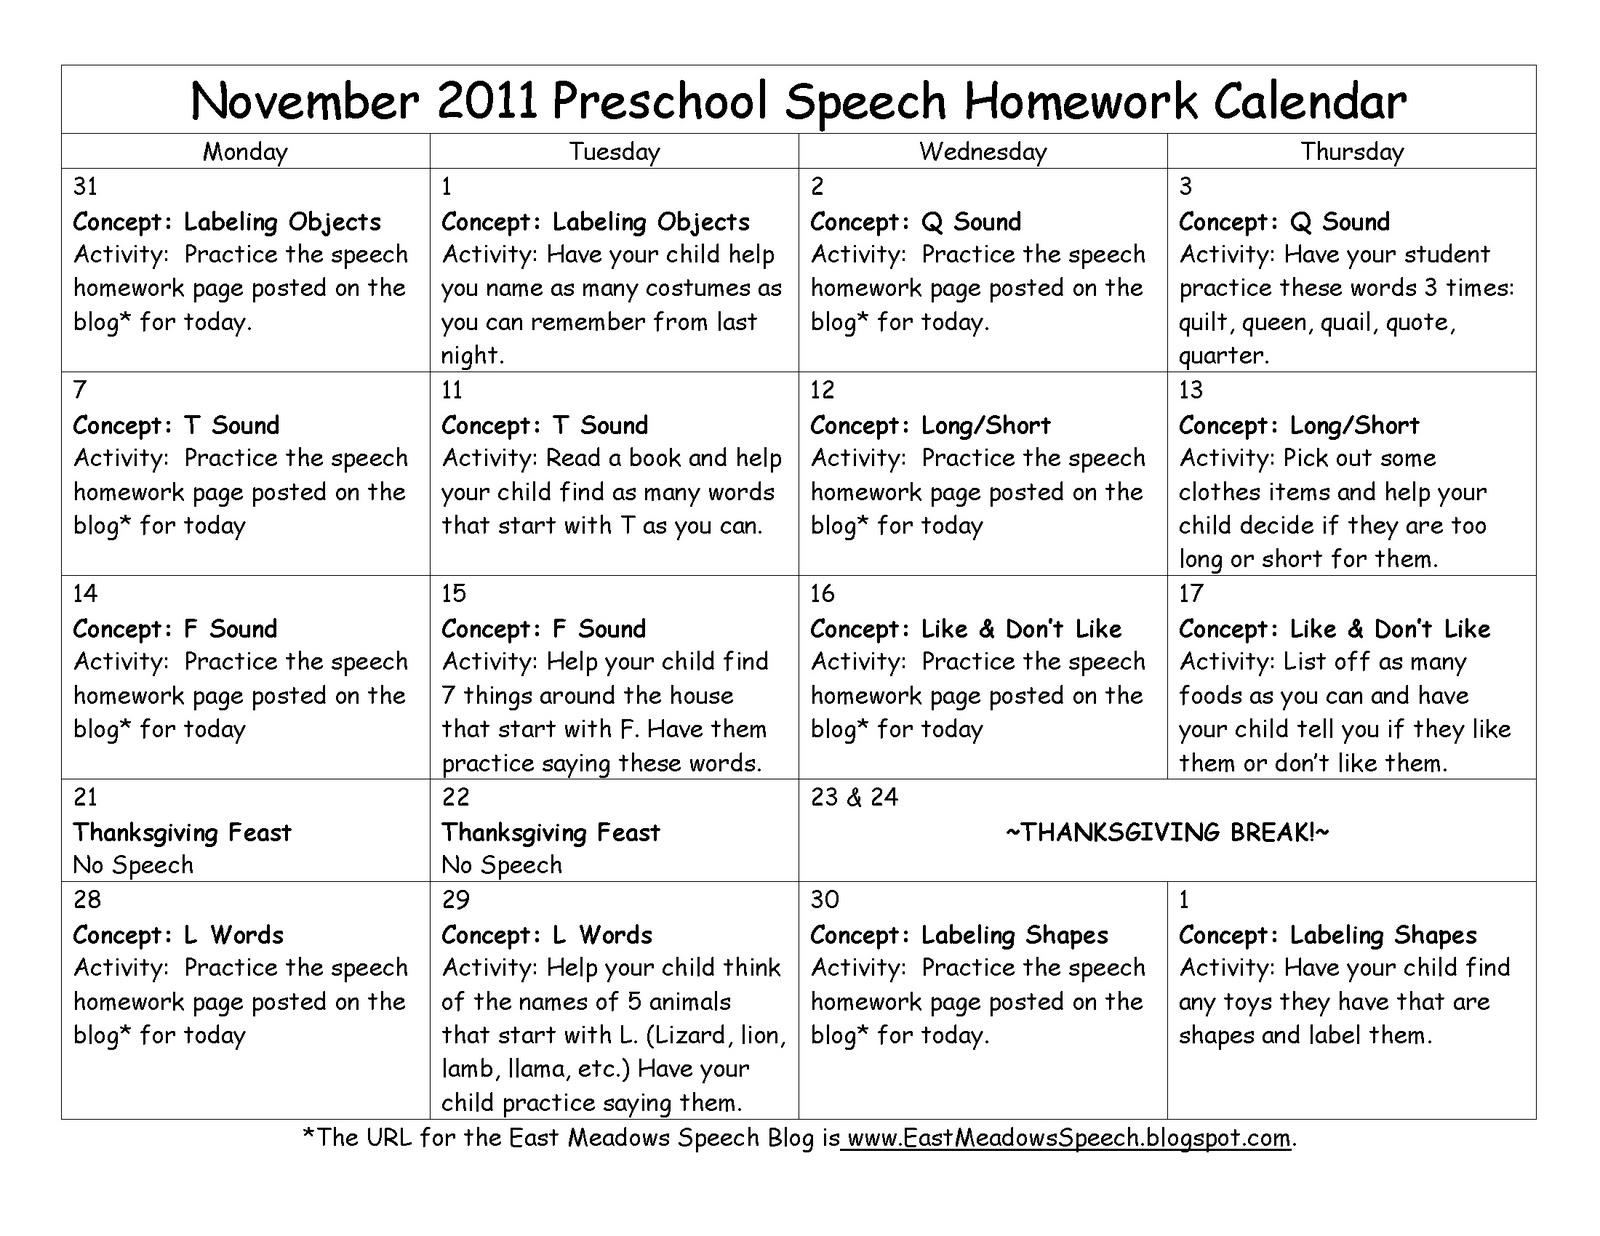 East Meadows Speech November